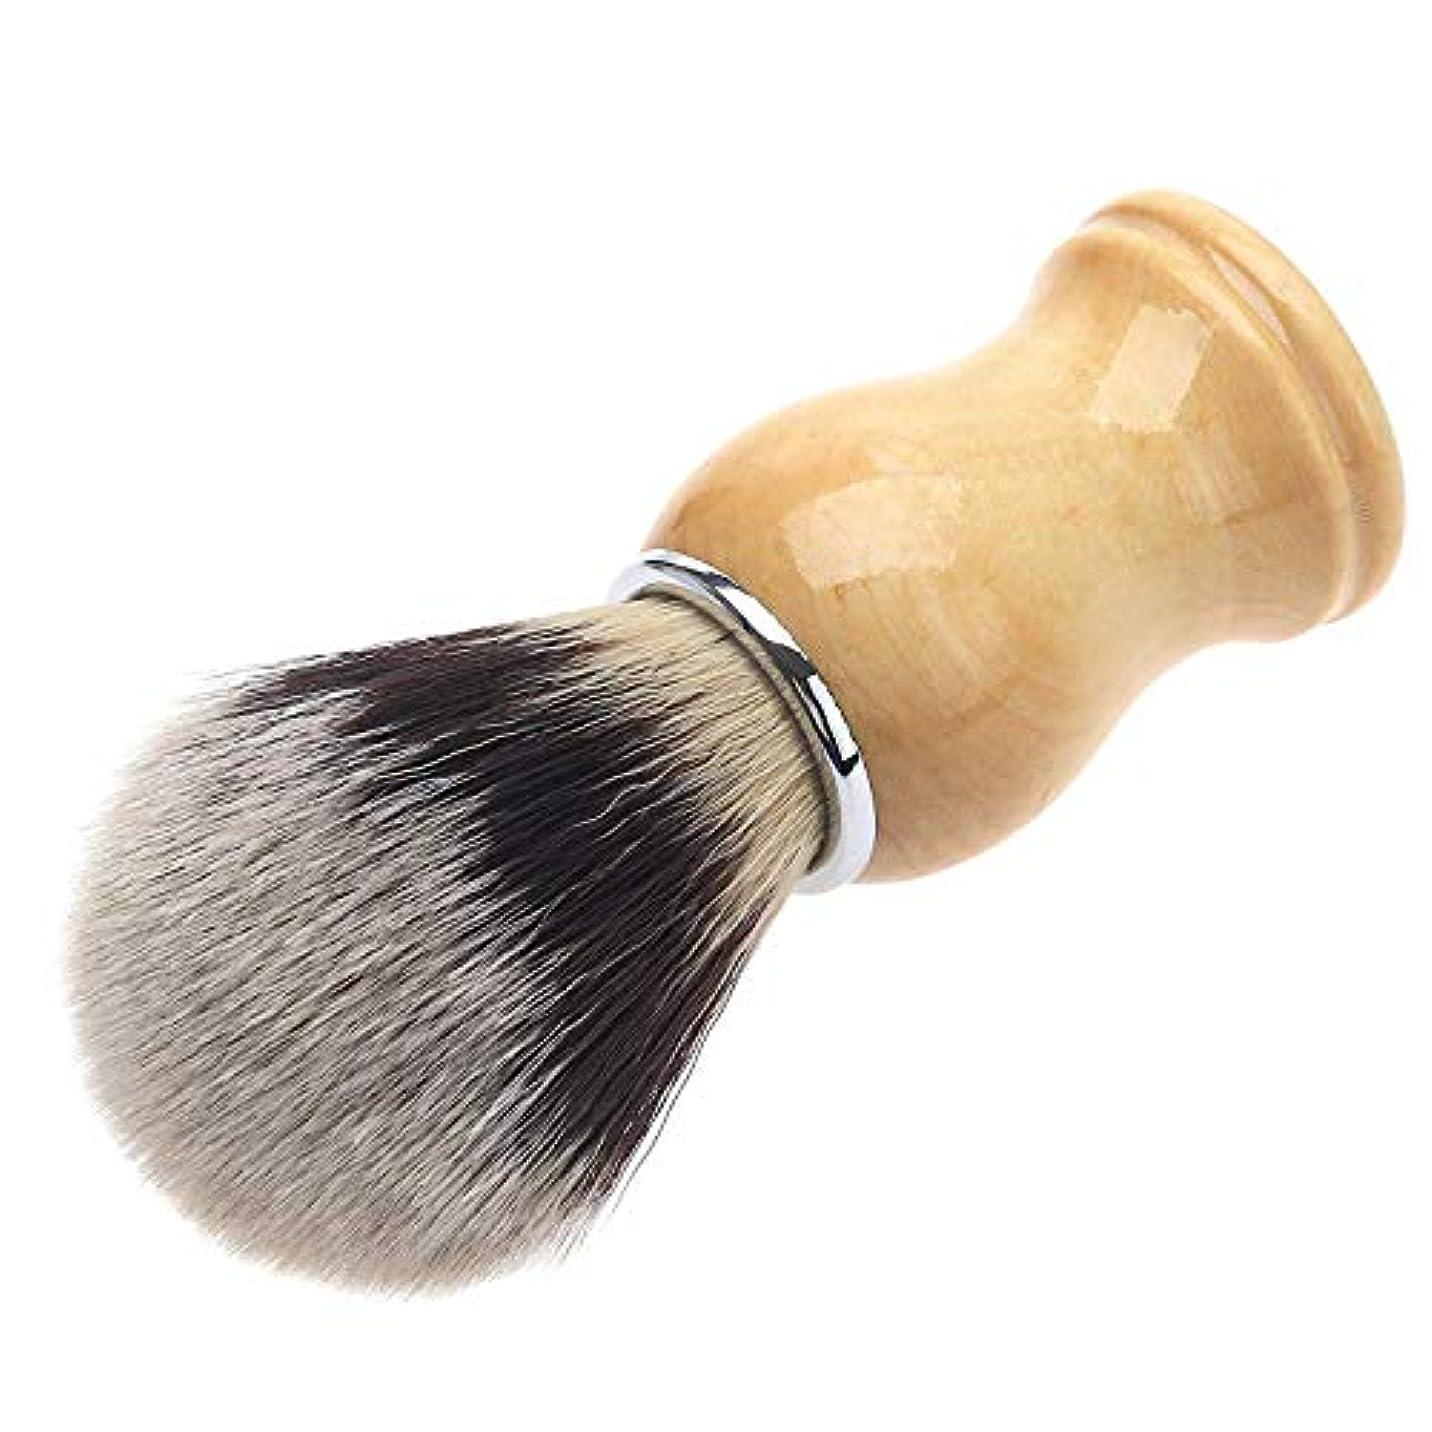 に付ける氏ピストン1個 メンズ用 髭剃り ブラシ シェービングブラシ 木製ハンドル 男性